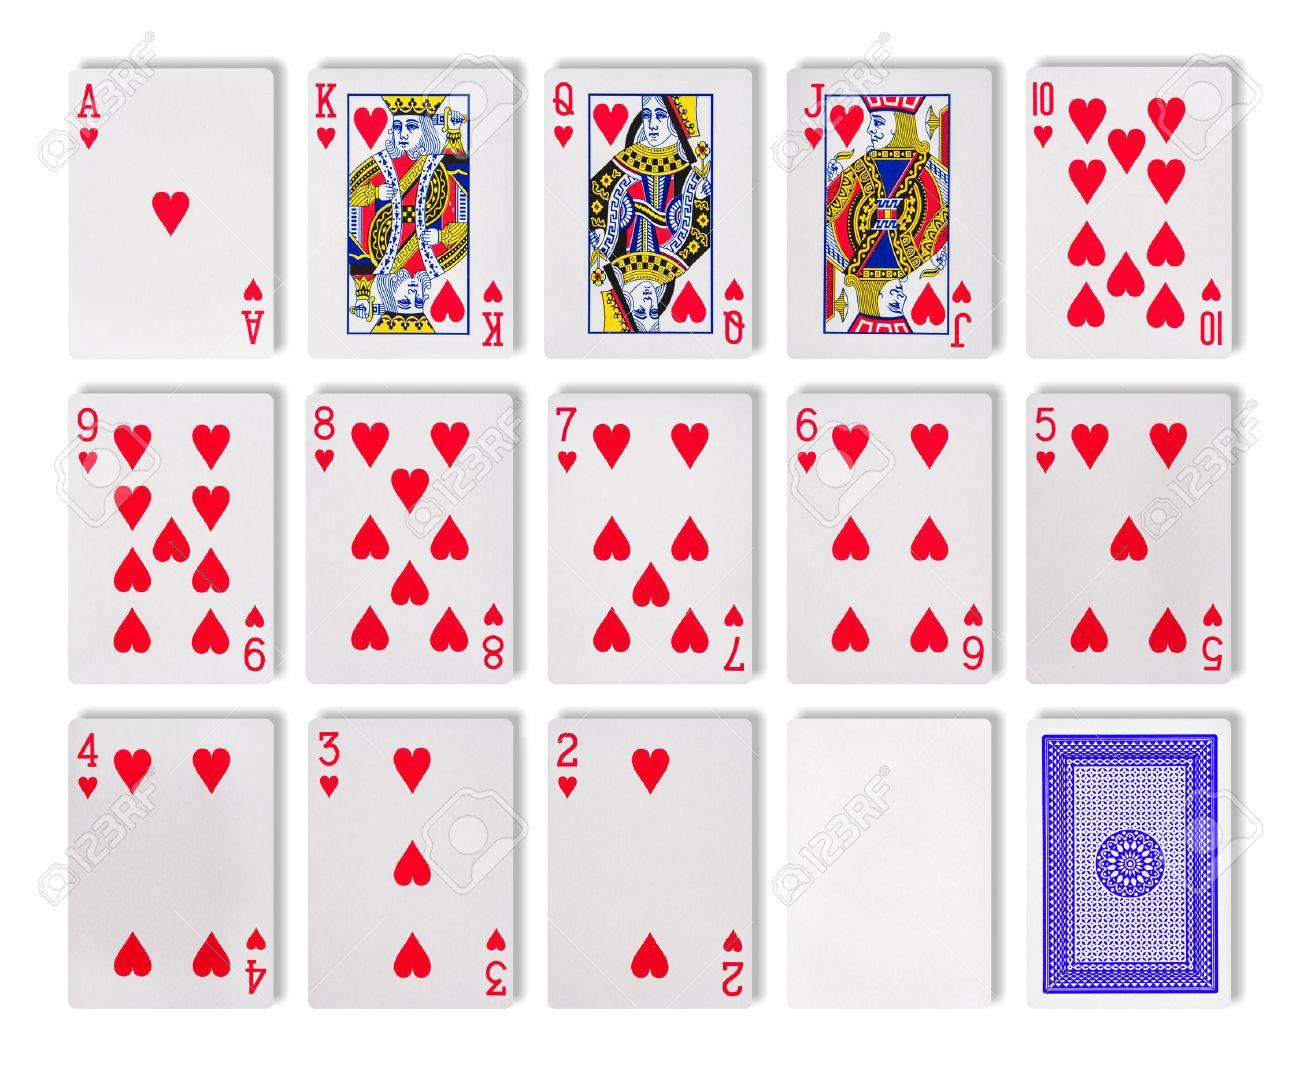 La Combinacion De Cartas De Juego De Casino Poker Aislado En El